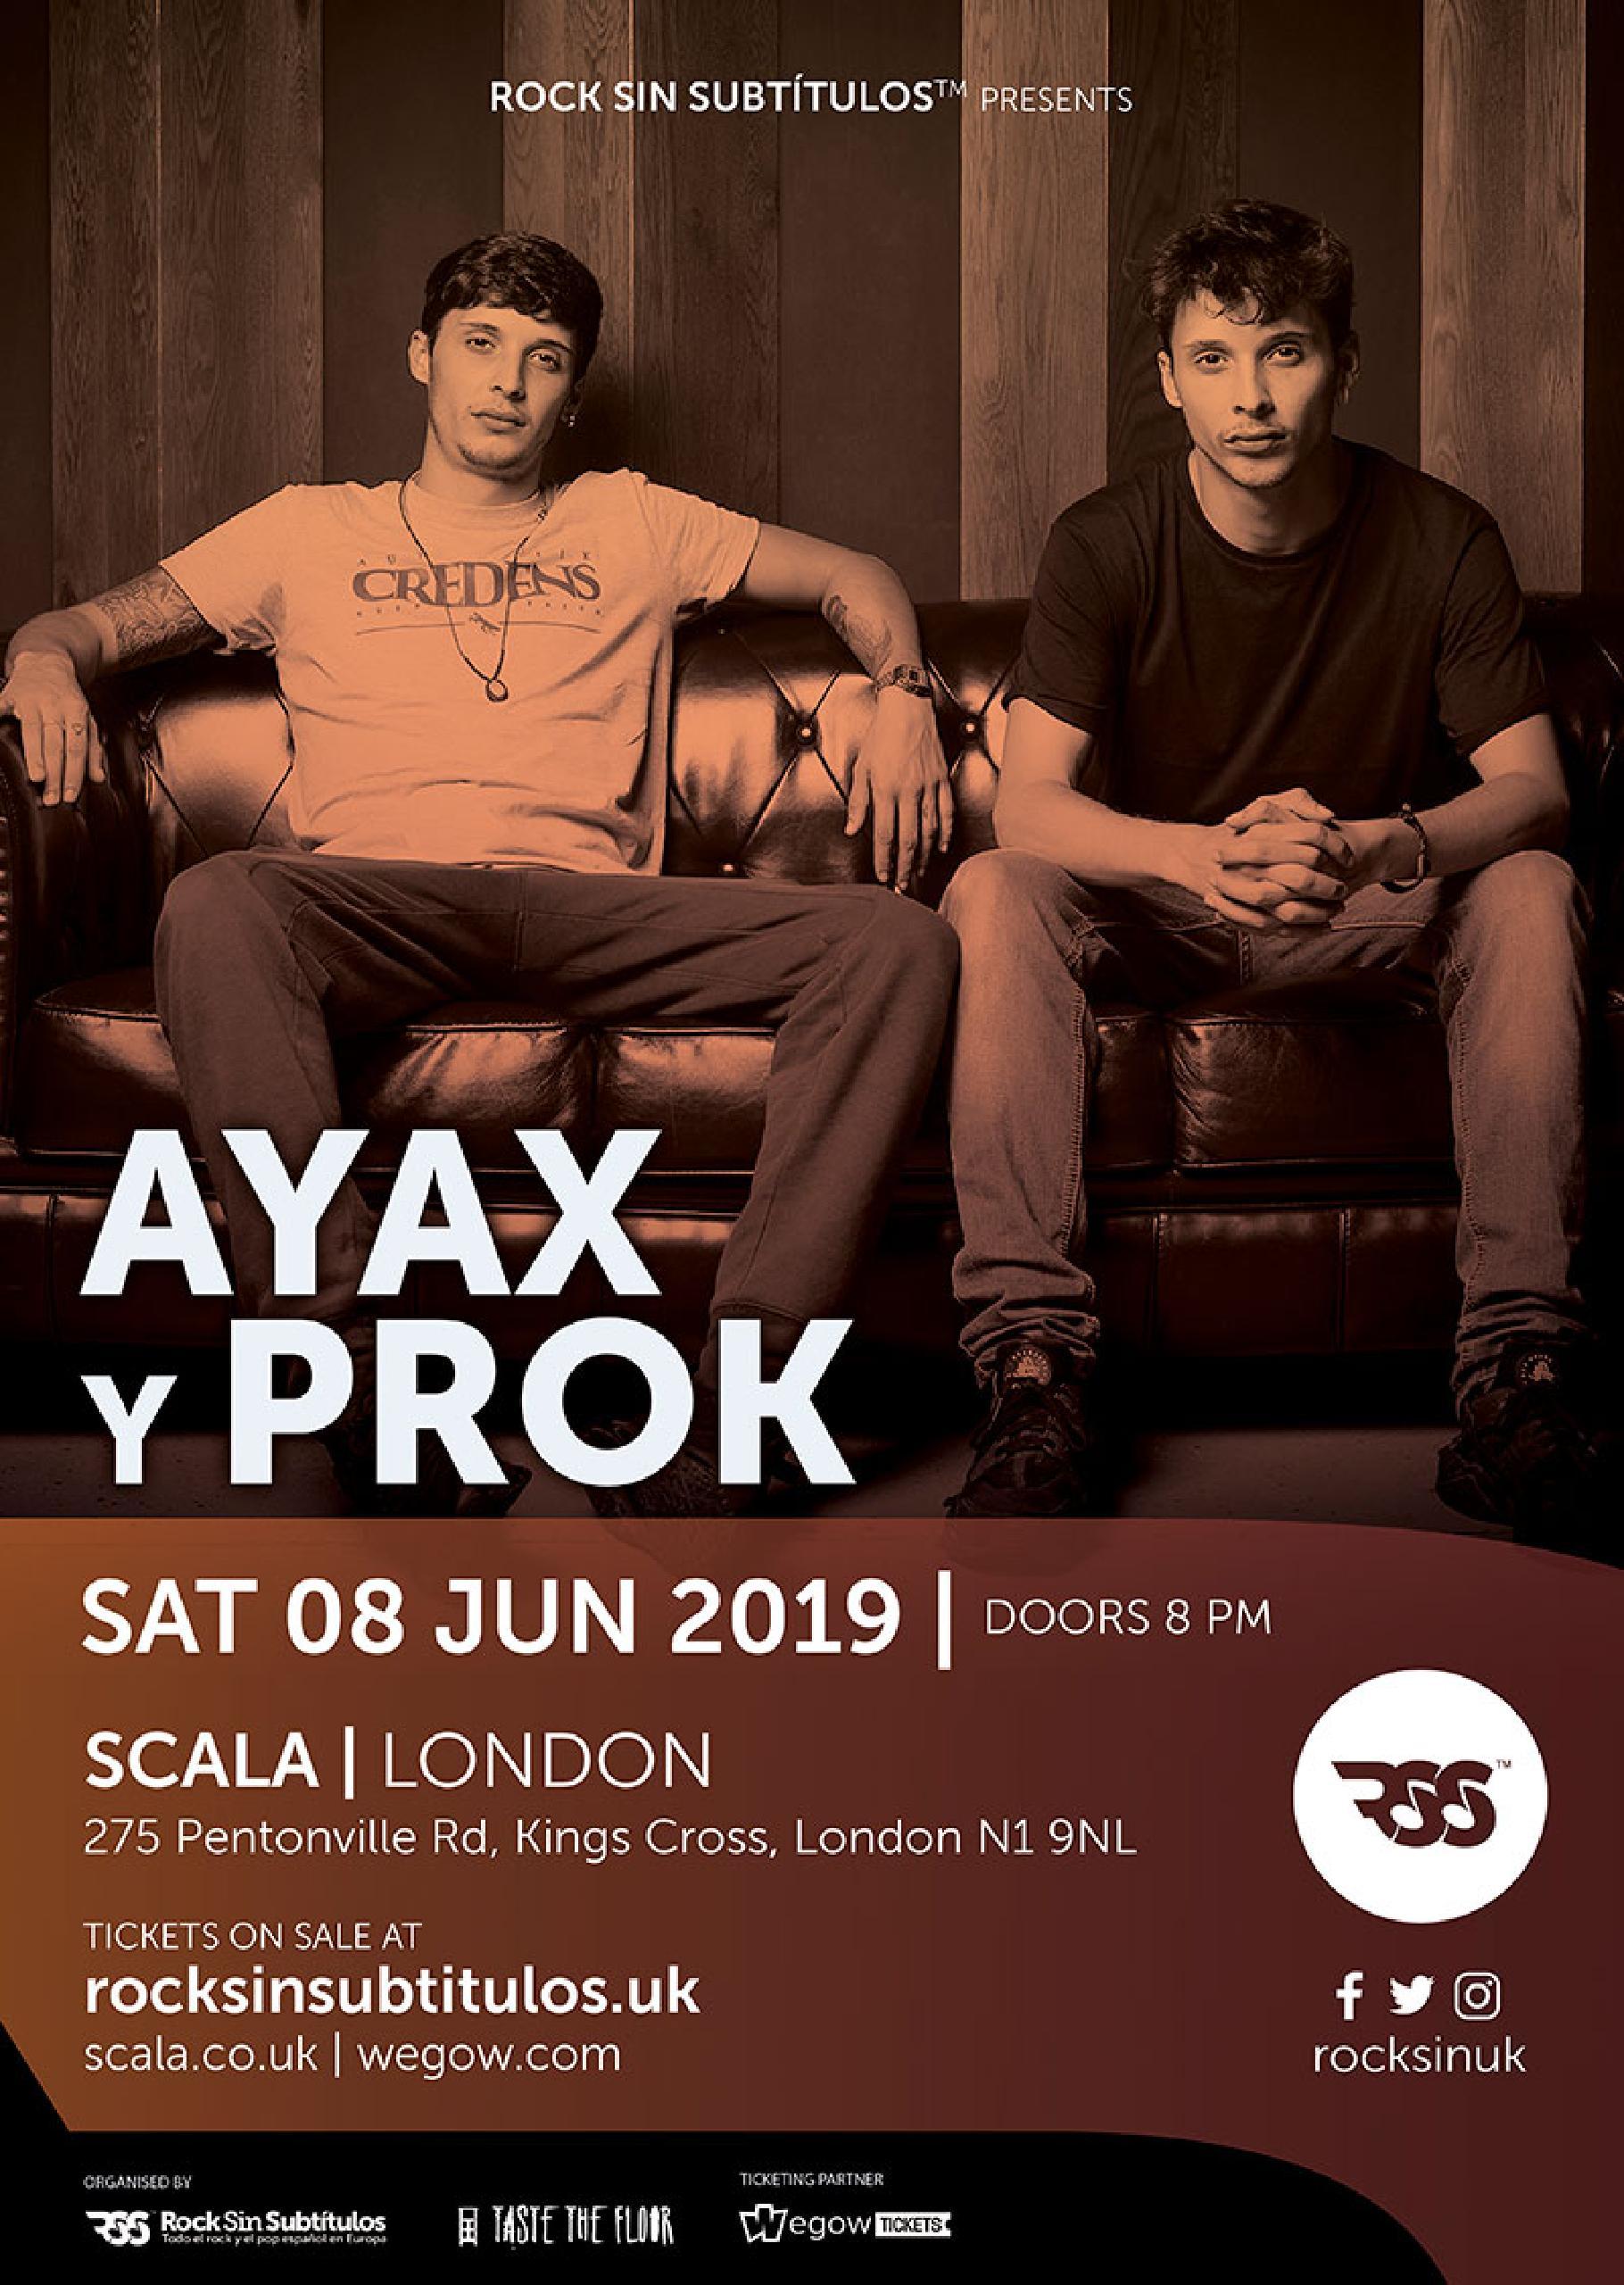 Sábado 8 junio 2019 / 20 horas @ Scala, Londres